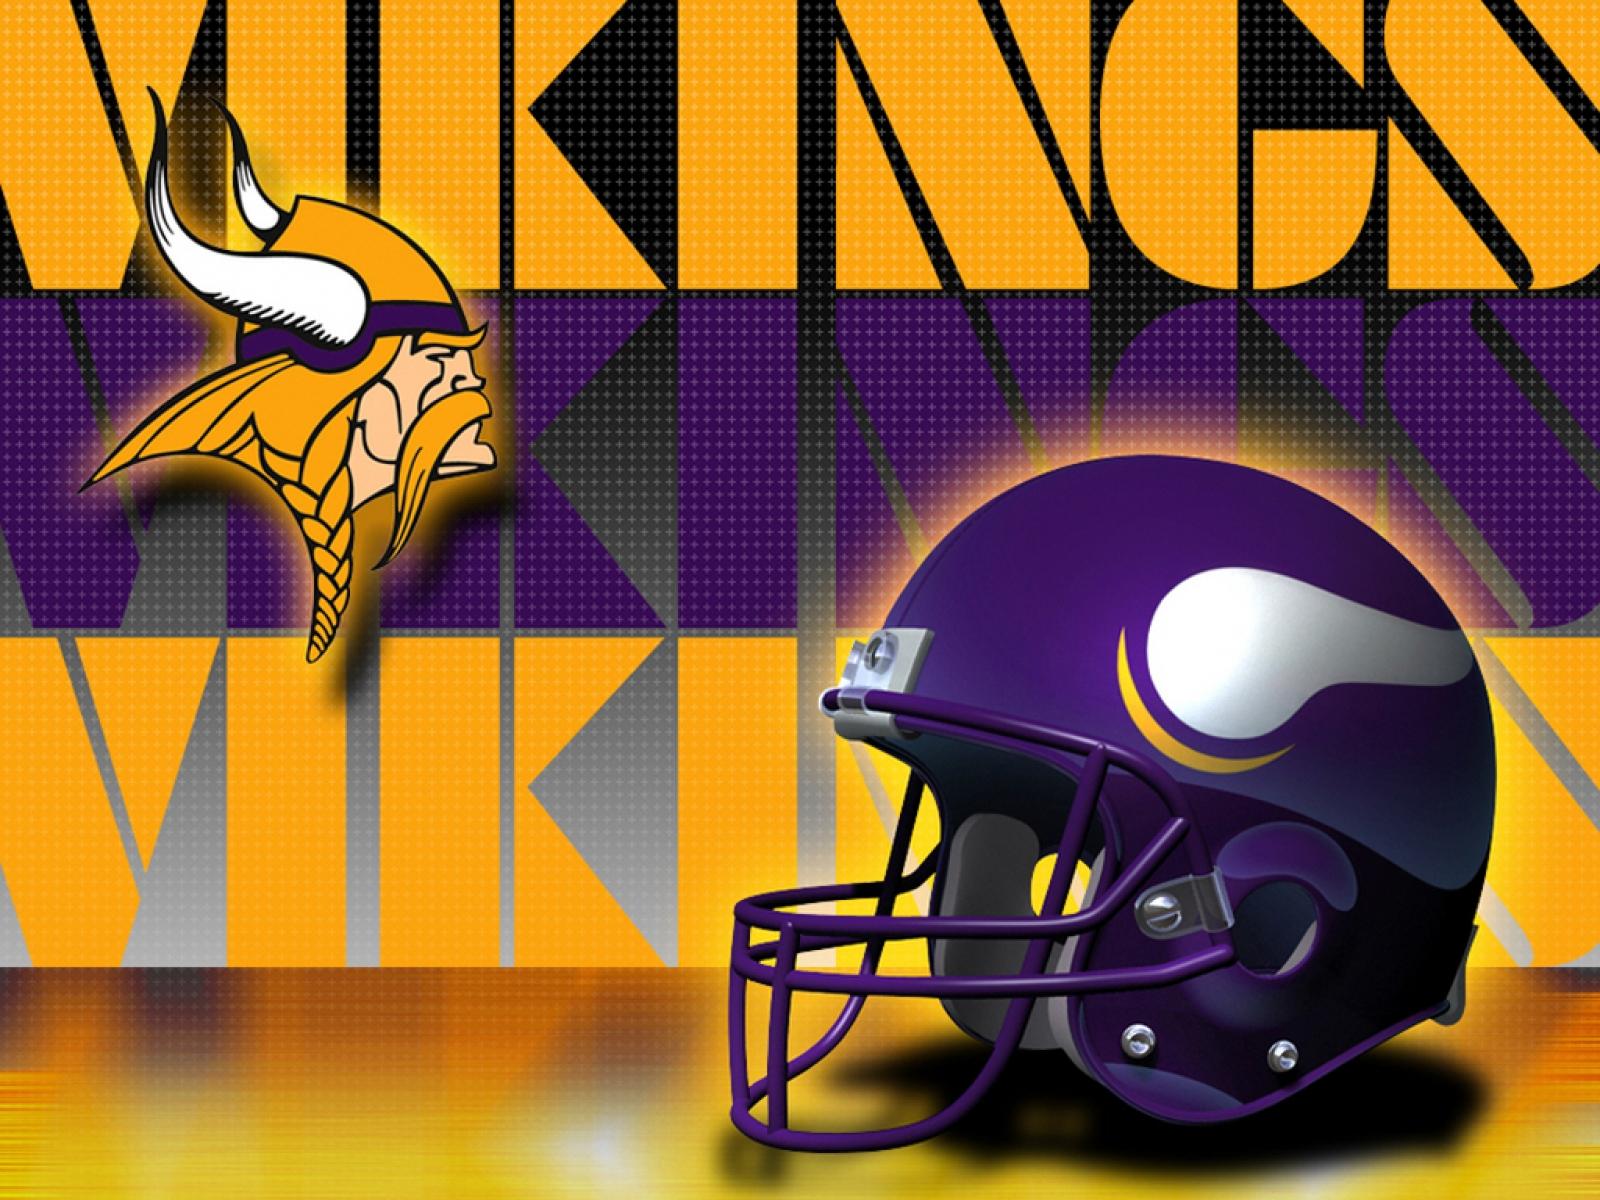 Minnesota Vikings Helmet Side 1600 1200 Digital Citizen